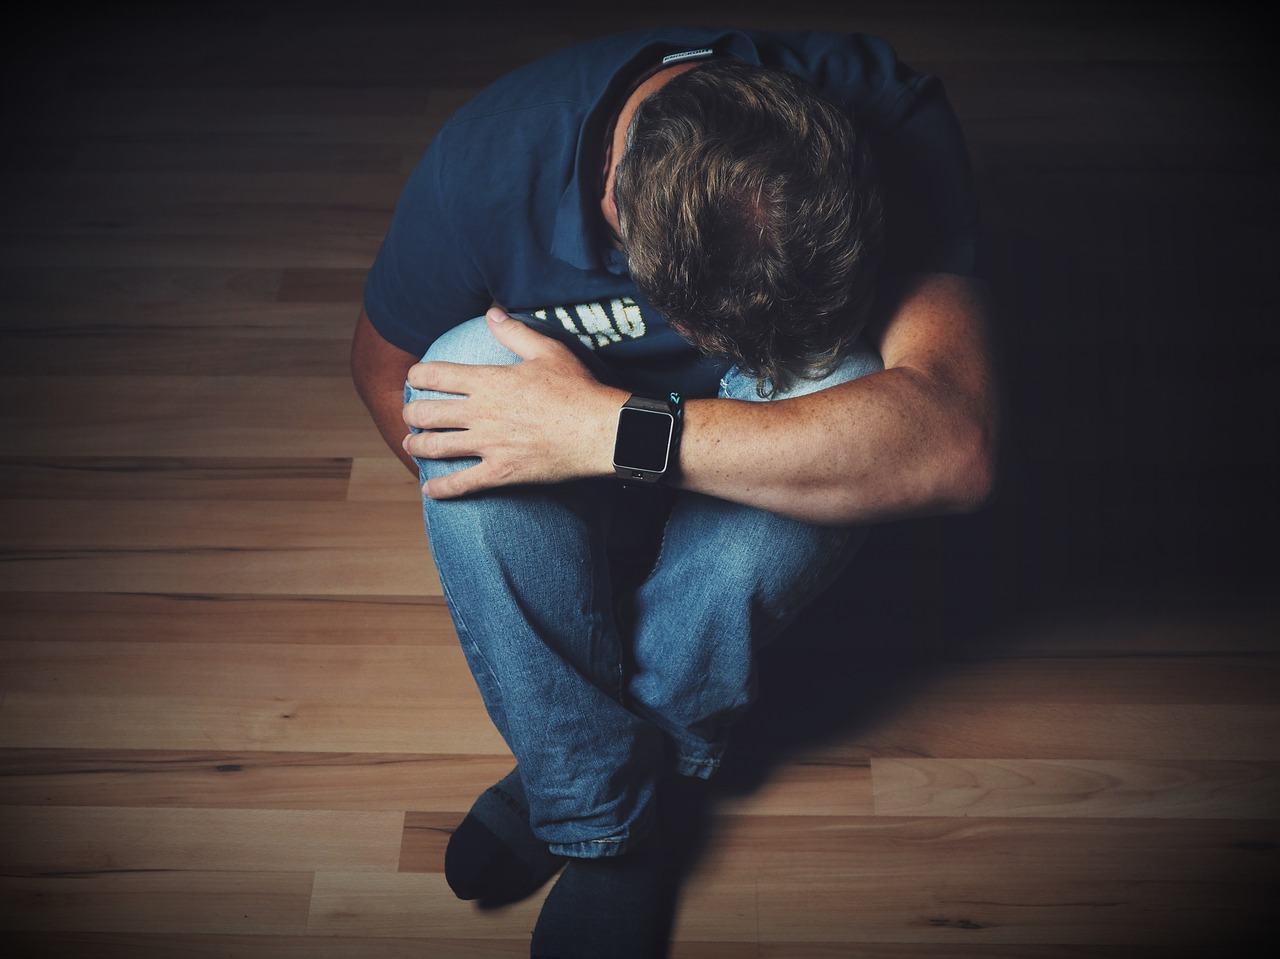 Afvænning med familien i fokus på anerkendt misbrugscenter